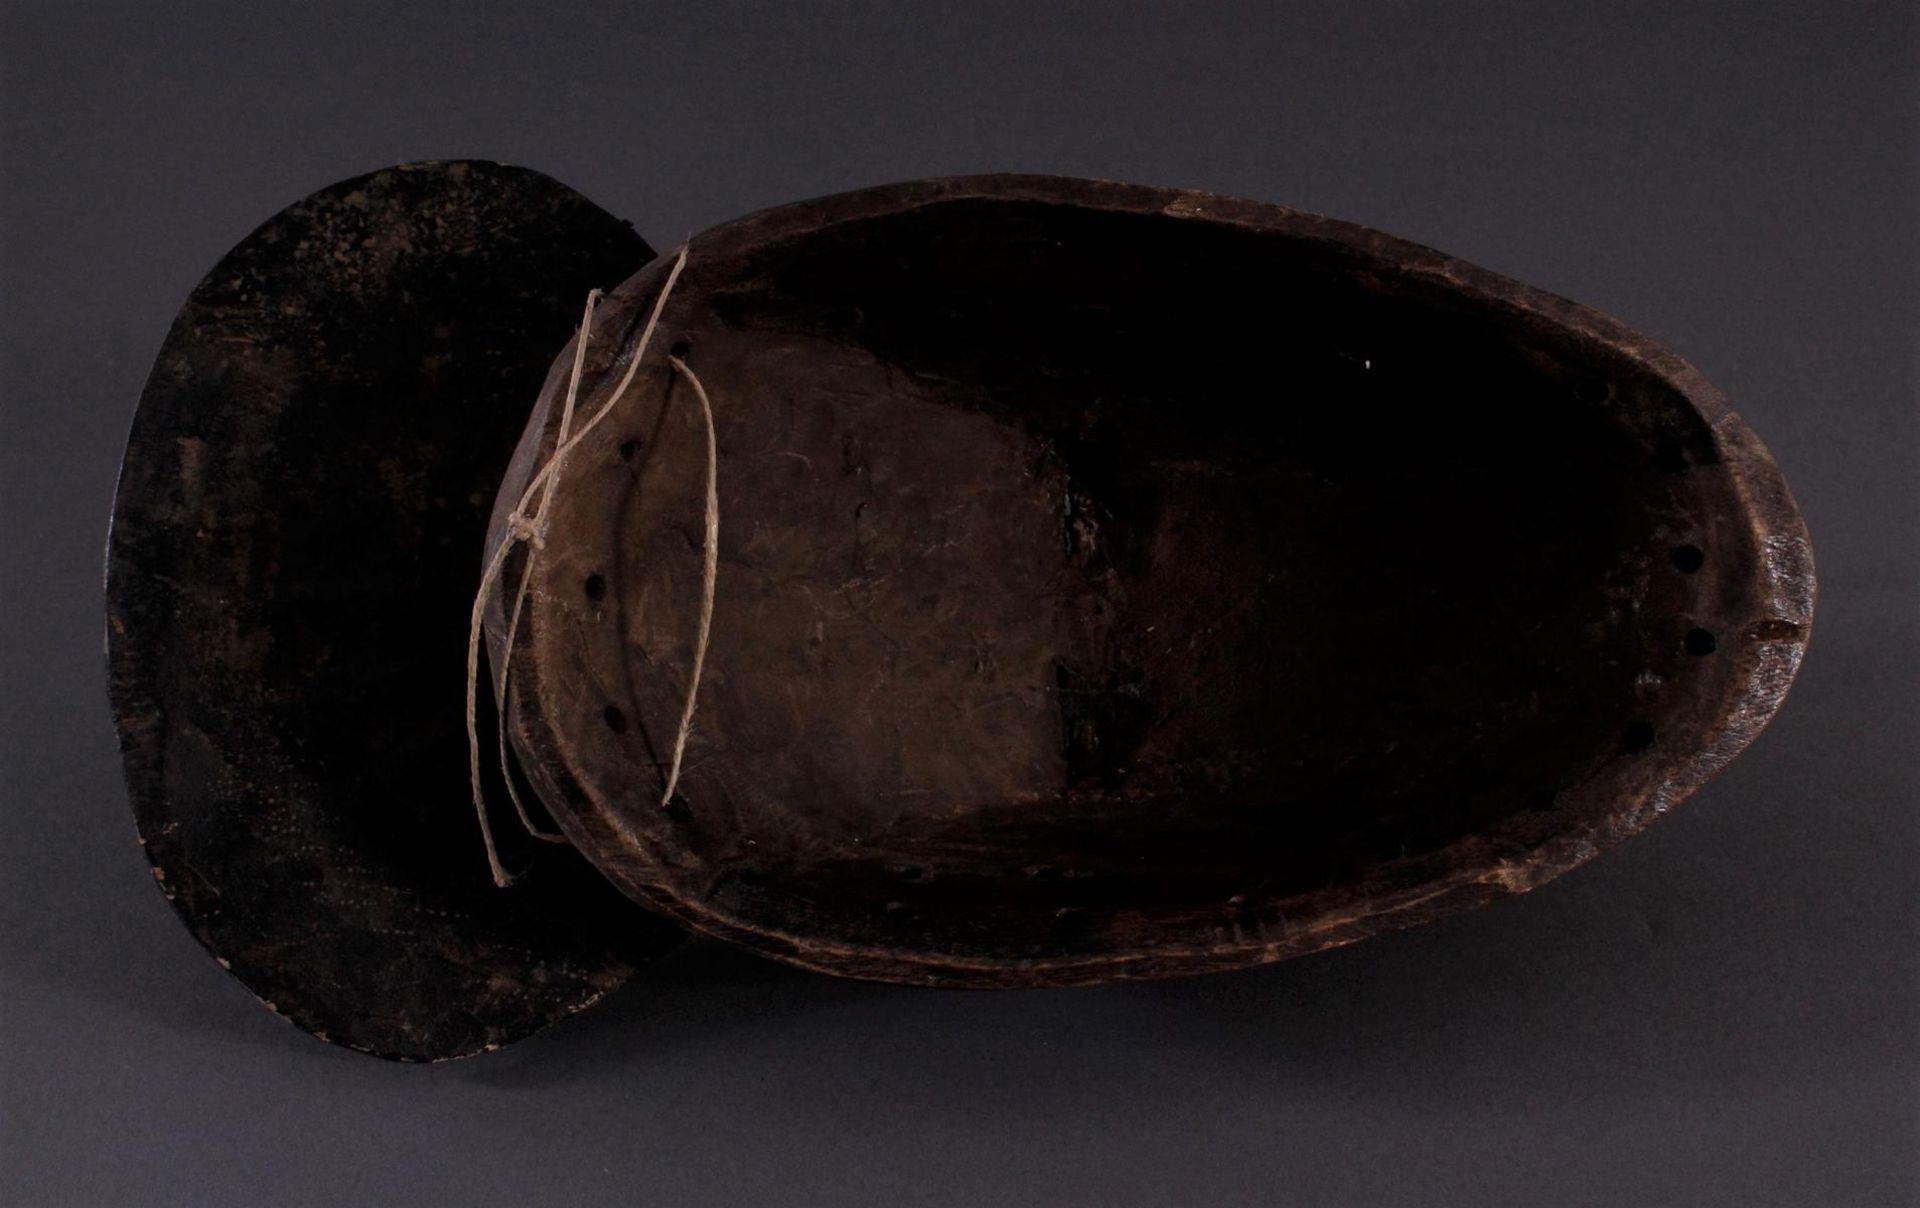 Antike Kpan-Maske, Baule, Elfenbeinküste 1. Hälfte 20. Jh.Holz geschnitzt, dunkle Patina, rot - Bild 4 aus 4